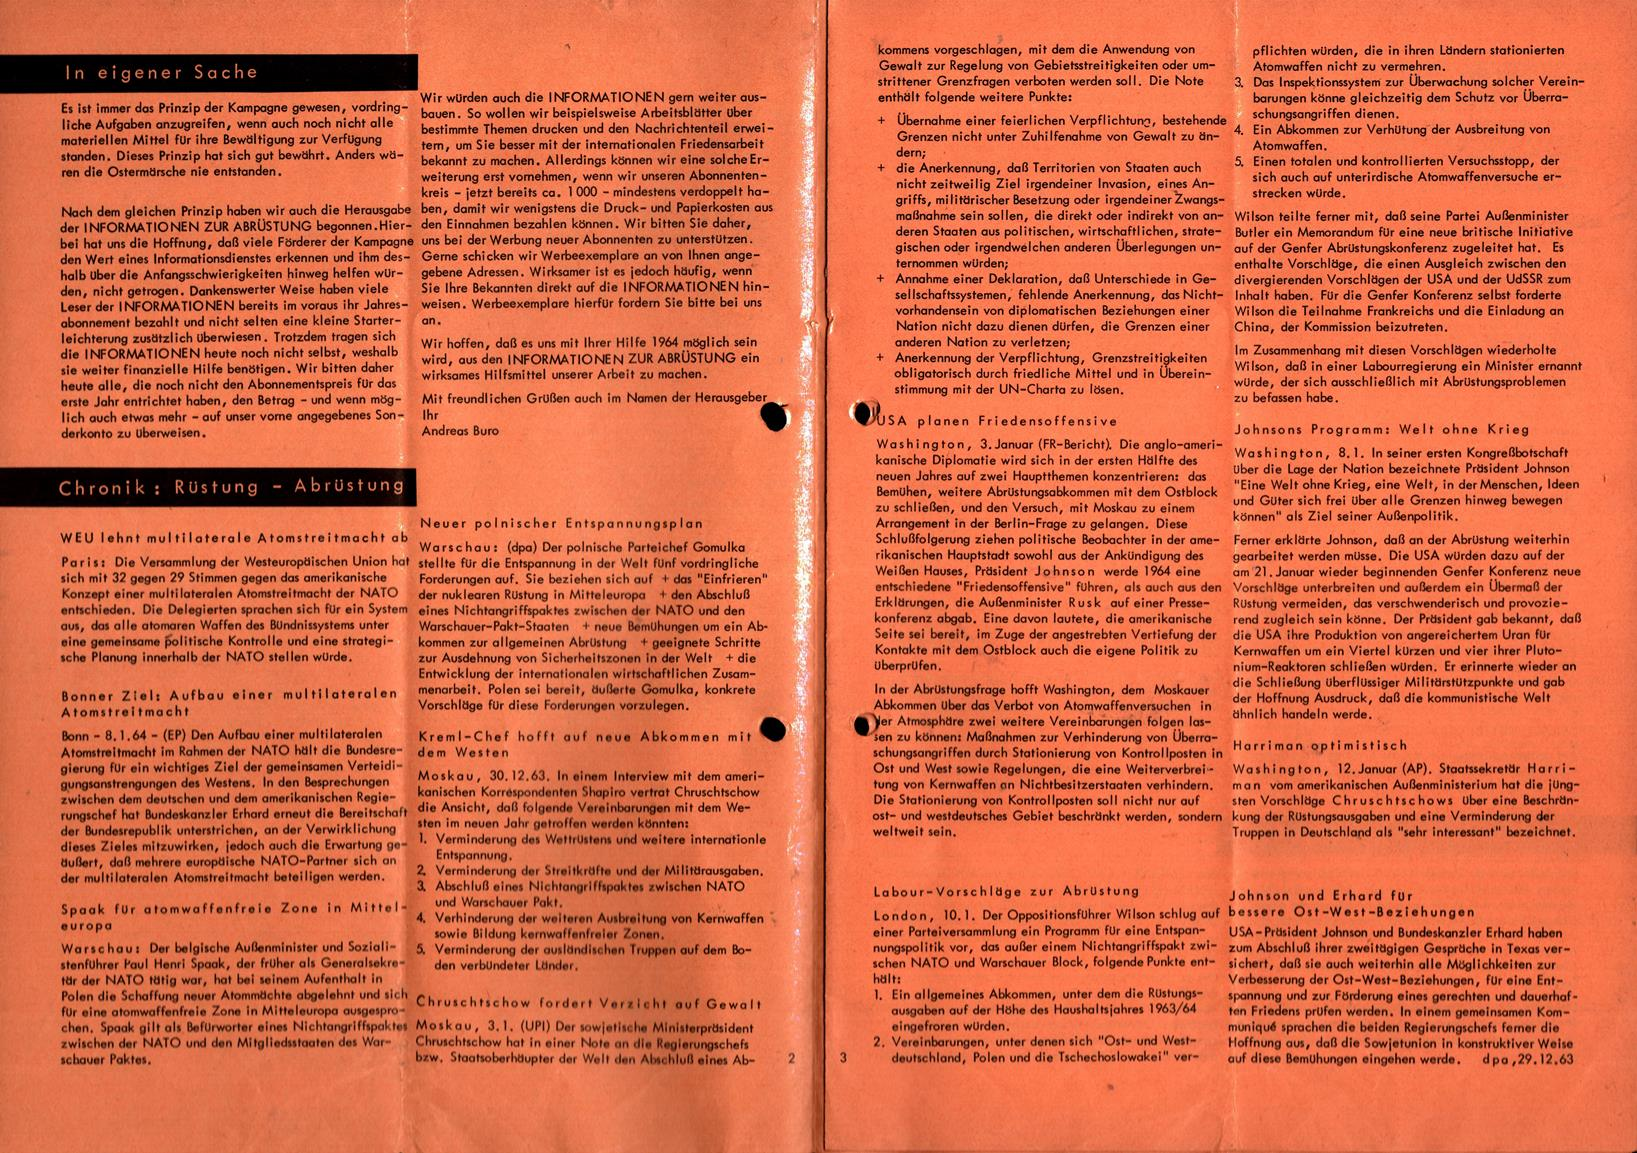 Infos_zur_Abruestung_1964_006_002